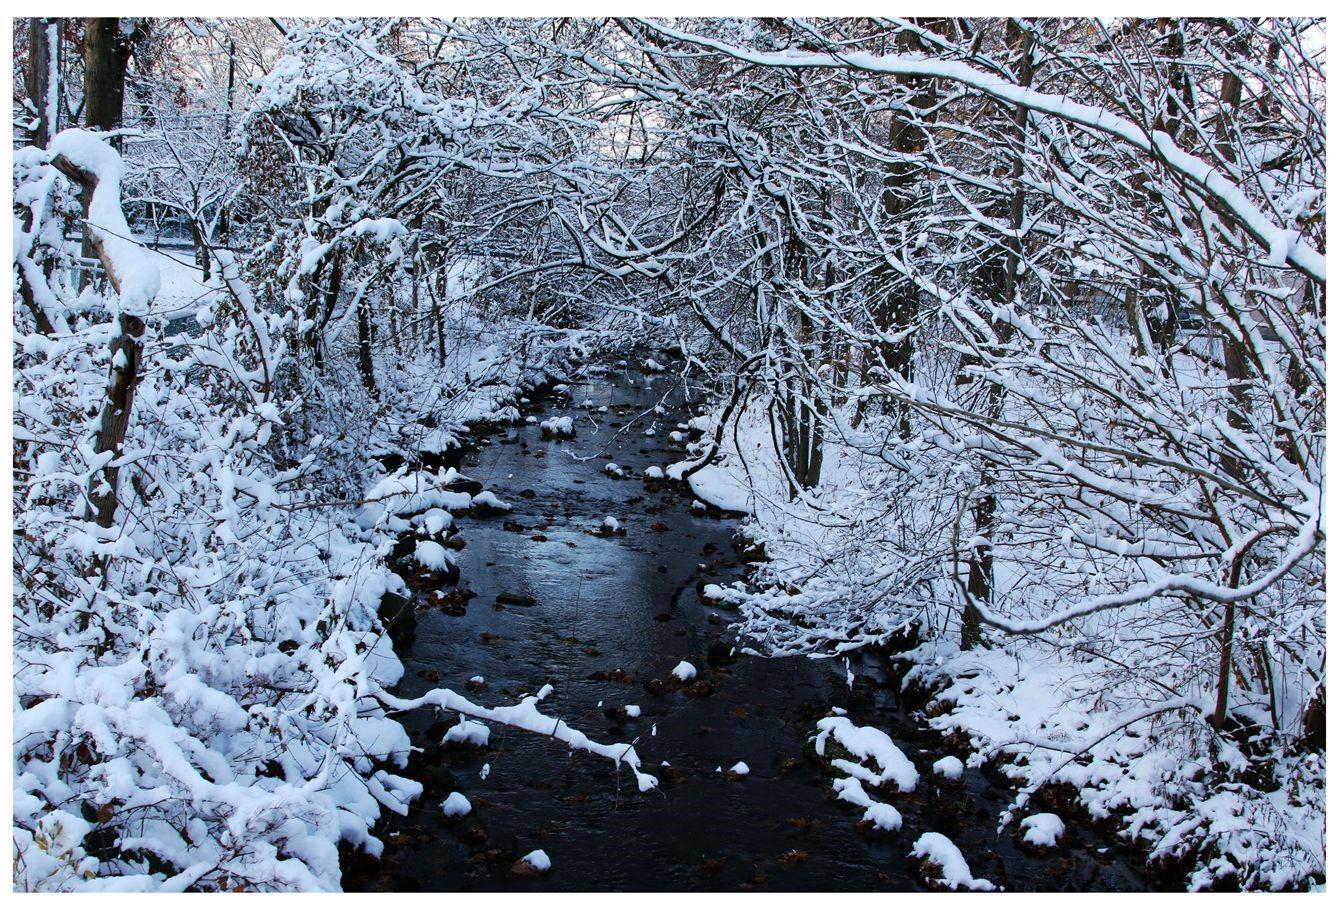 纽约地区入冬首雪景色迷人_图1-20